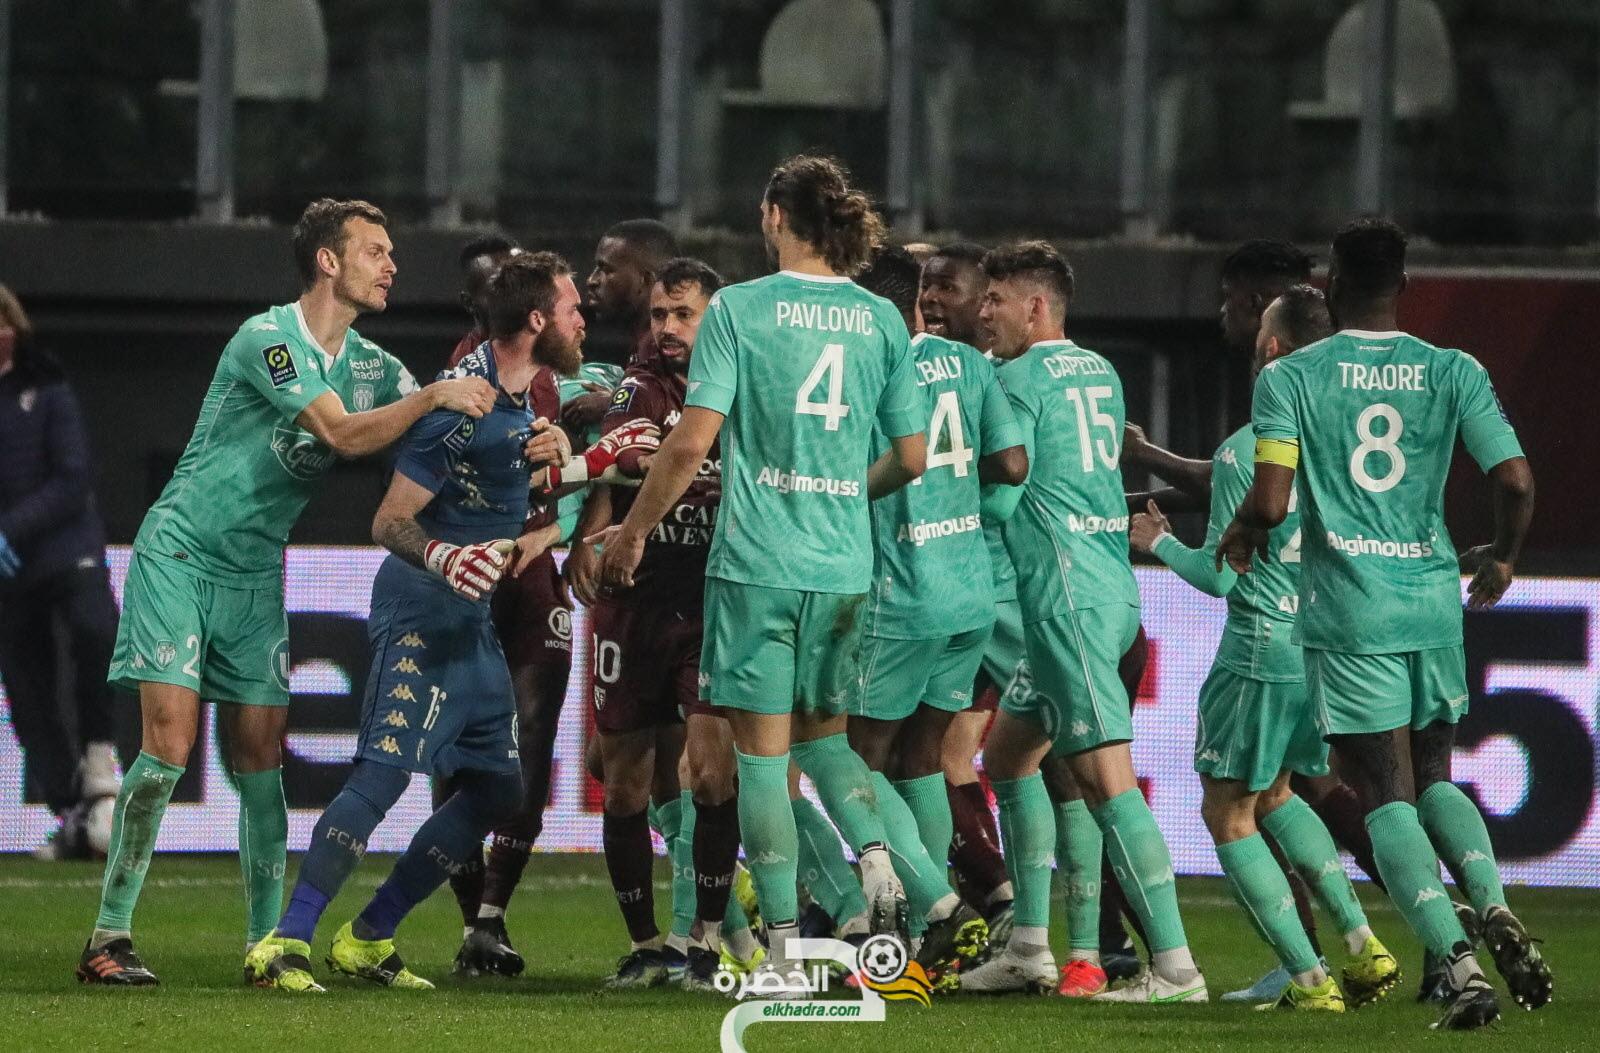 الاتحاد الفرنسي يعاقب الحارس الجزائري اوكجدة بخمس مباريات 48